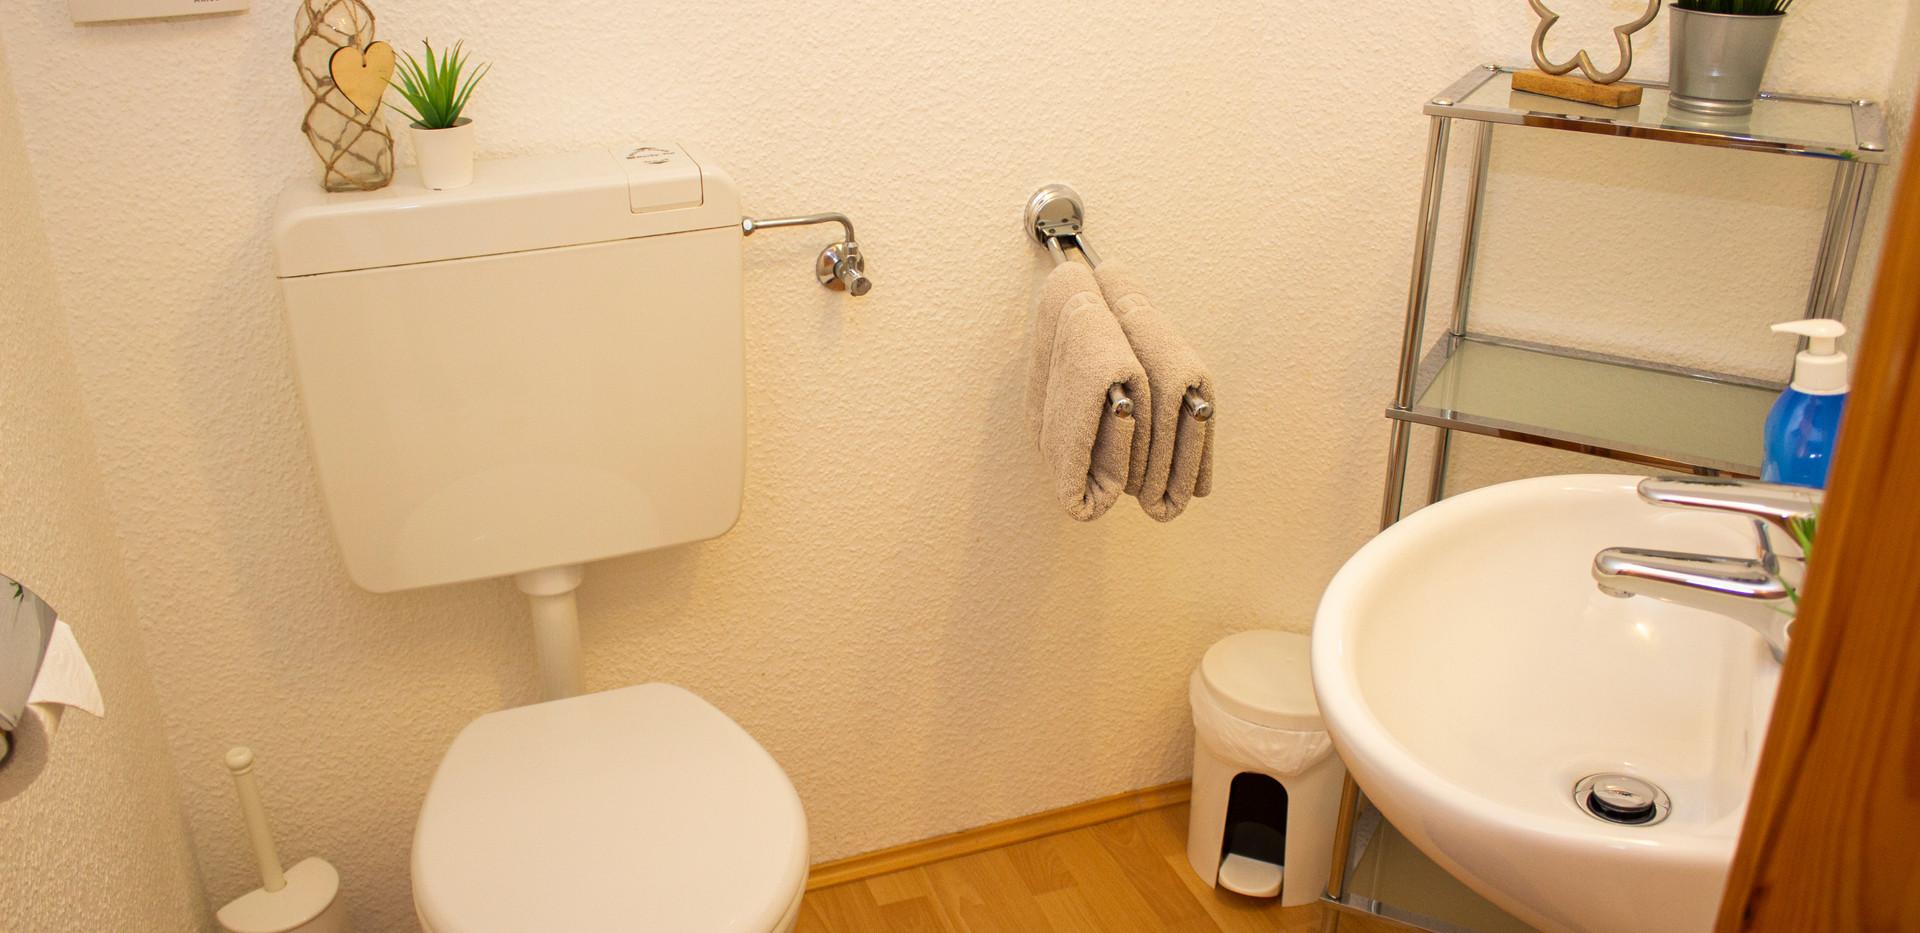 WC - oben